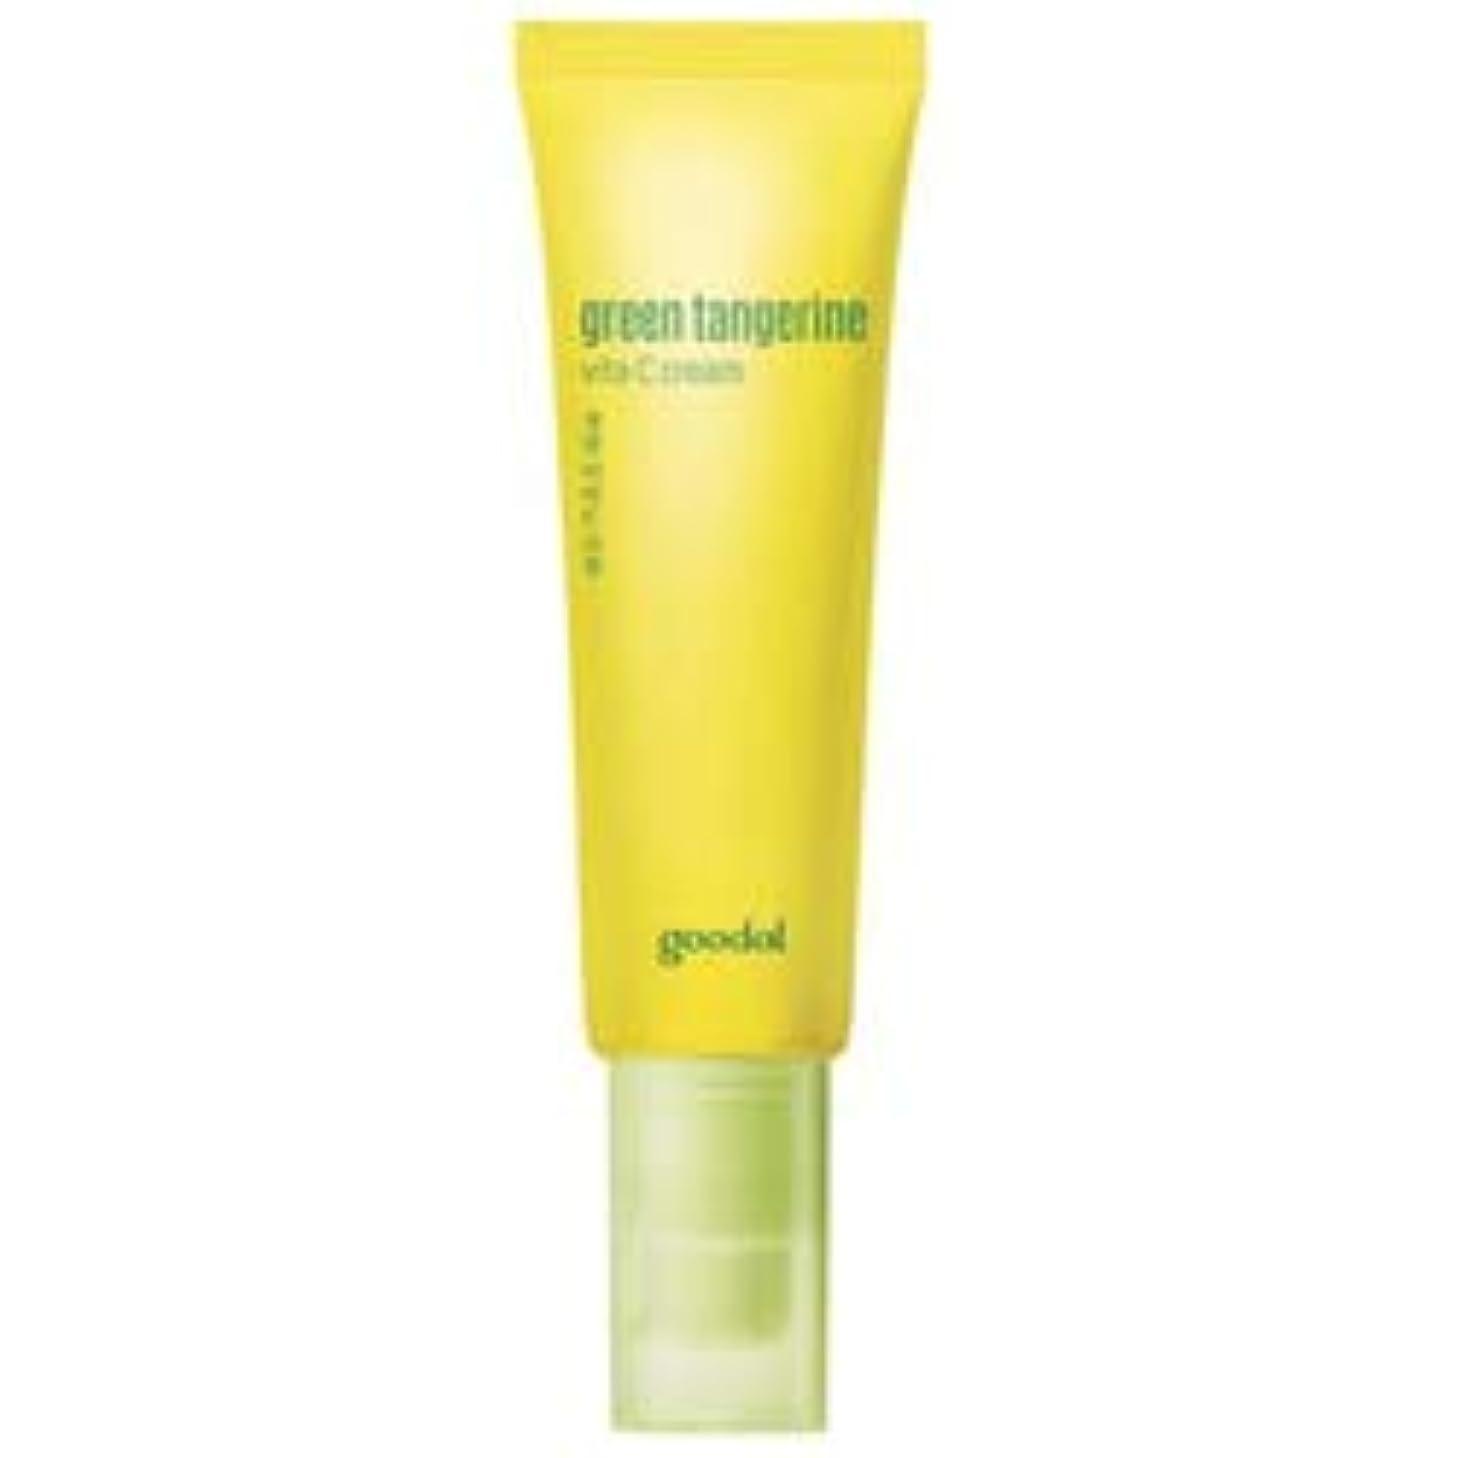 落ち着かない識別アジア人[goodal] Green Tangerine Vita C cream 50ml / [グーダル]タンジェリン ビタC クリーム 50ml [並行輸入品]